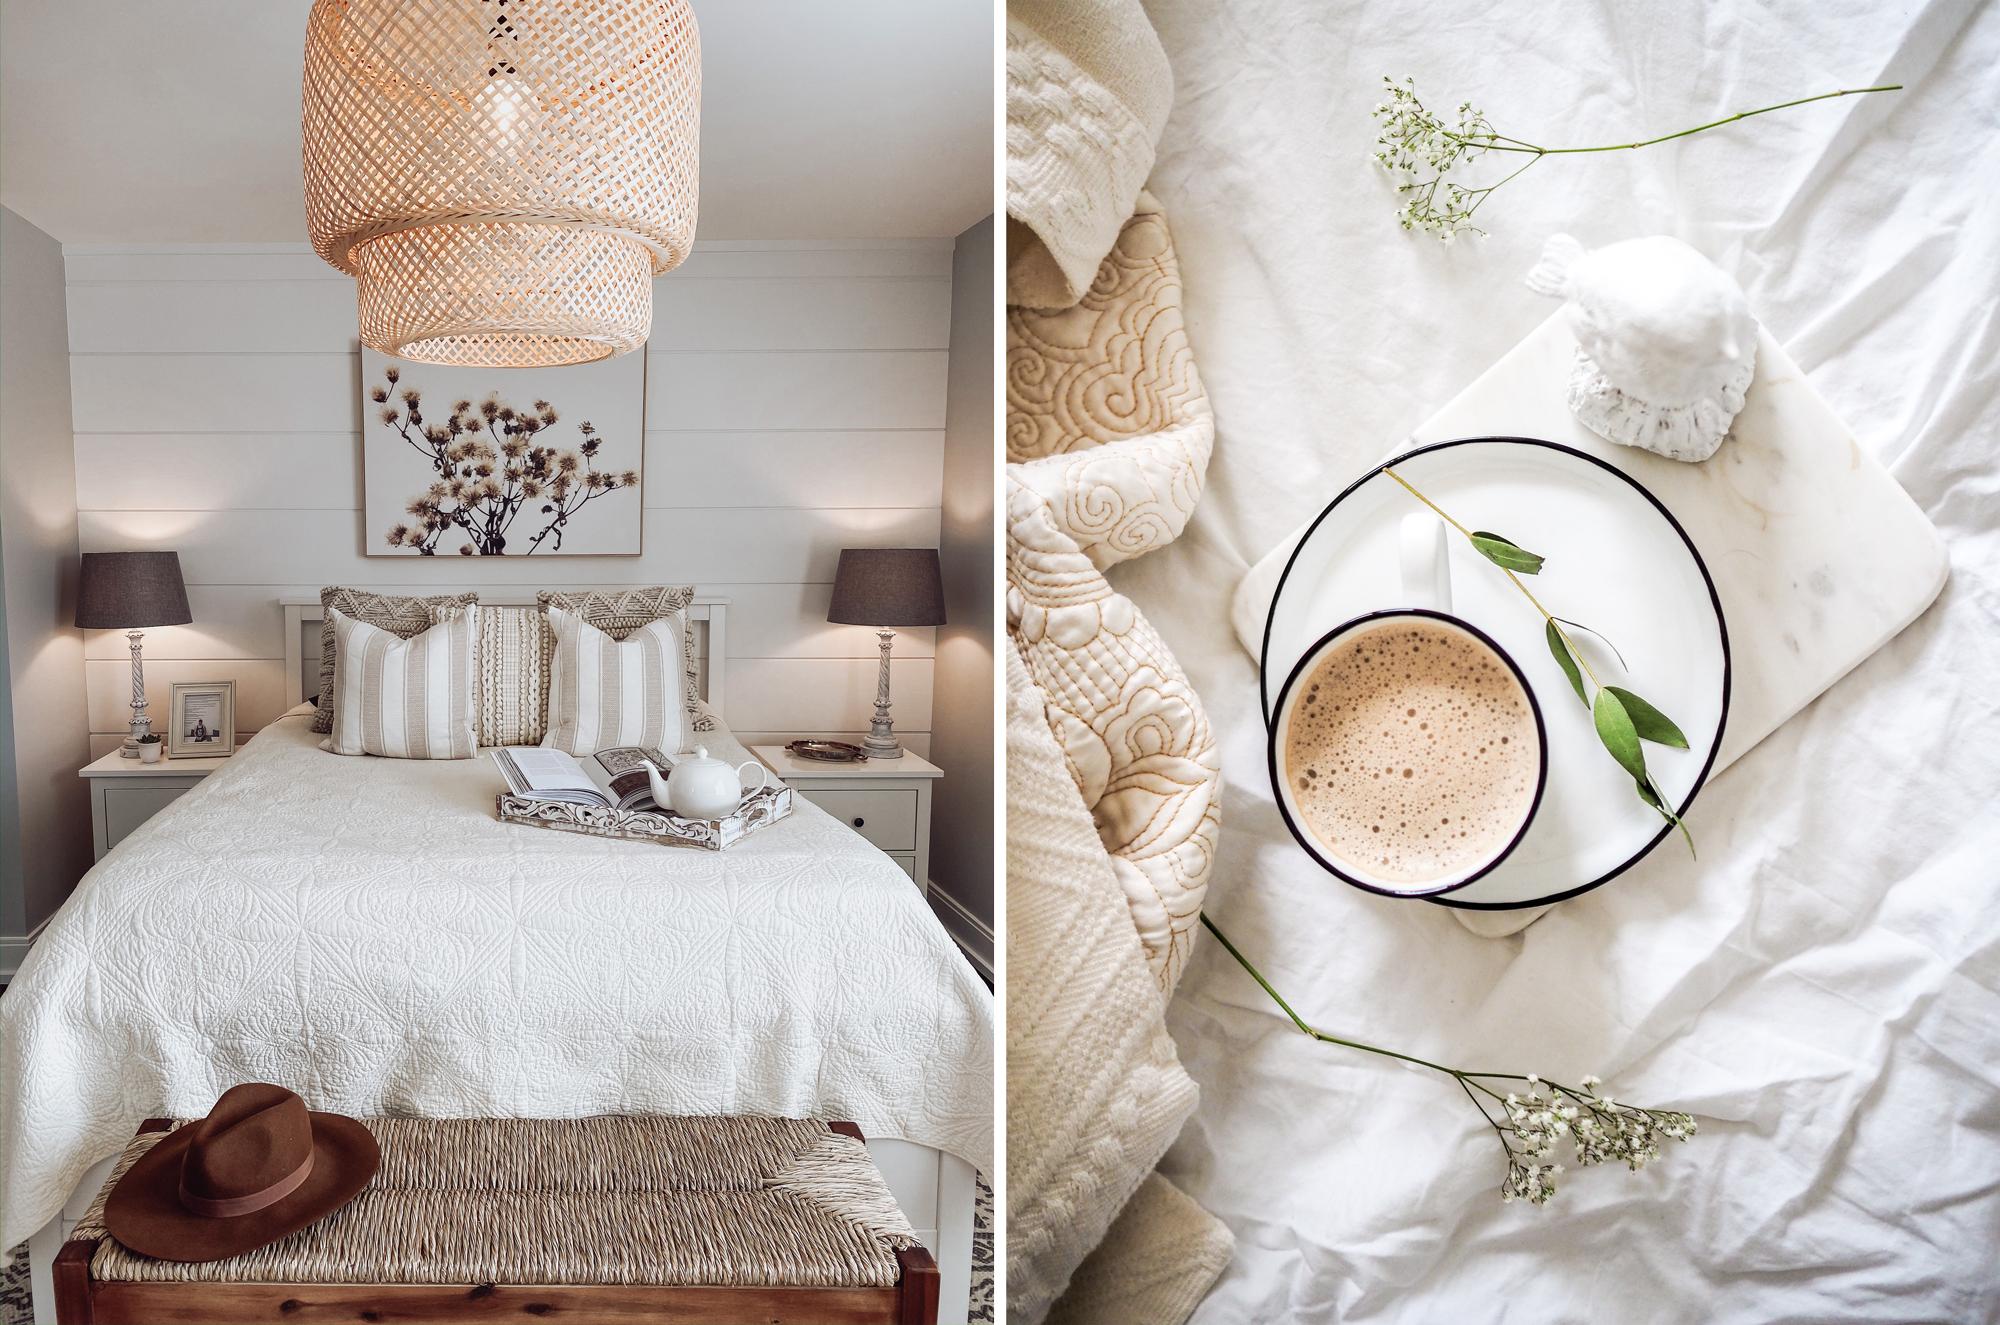 Lit confortable, lin cosy et chaleureux